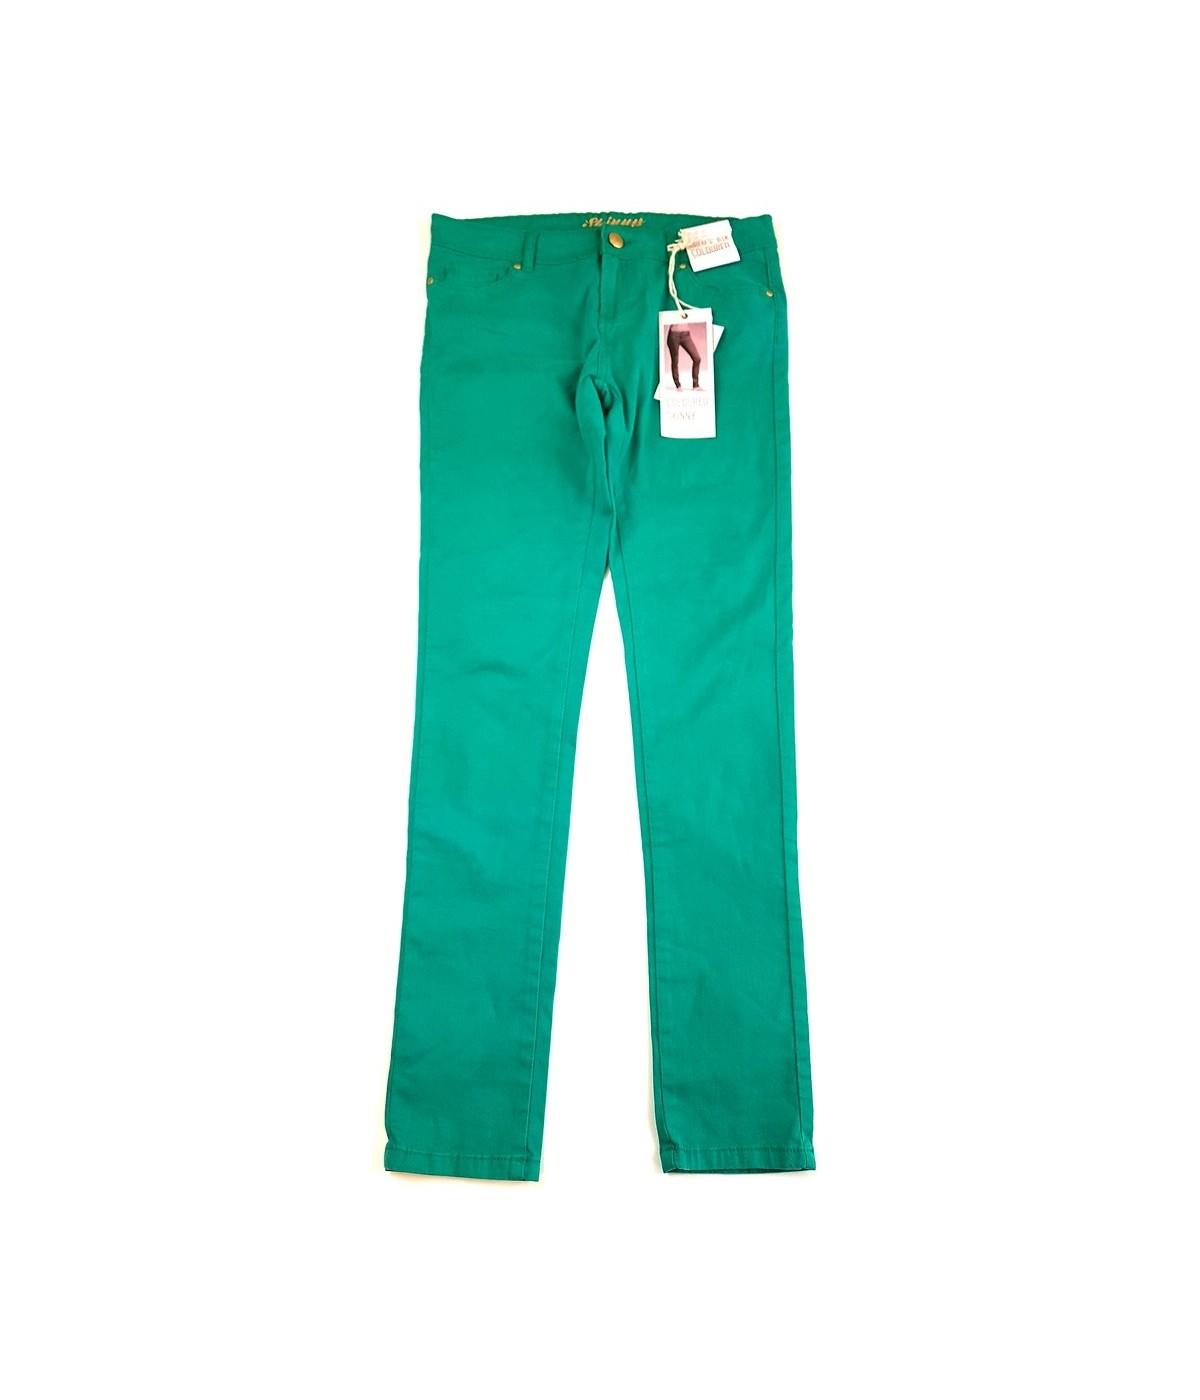 98b84ca8f6 Zöld skinny nadrág (164-170). Loading zoom